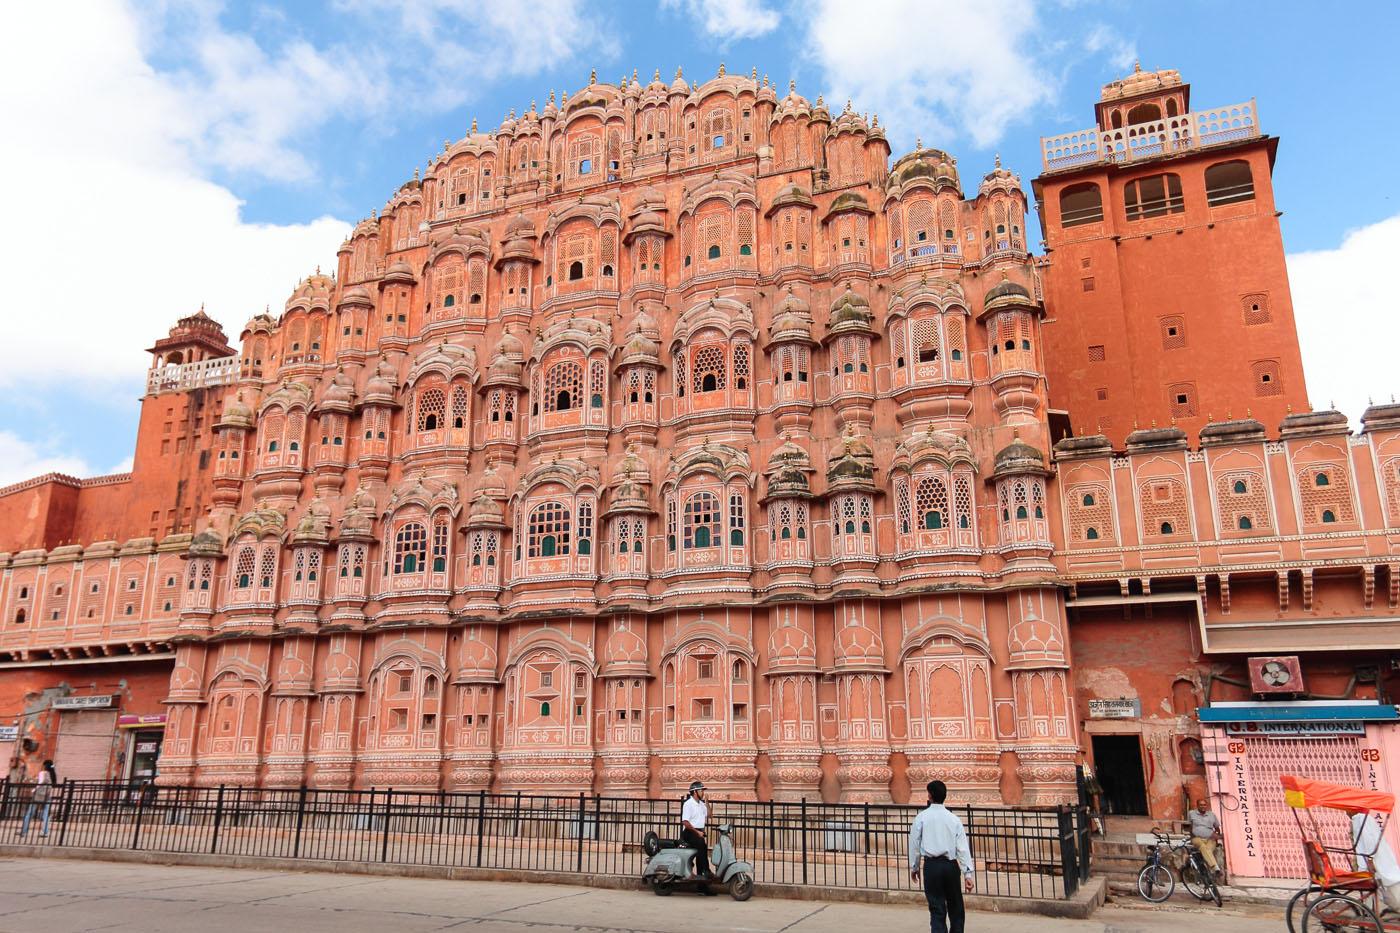 Фотография 5. Туры в Индию из Москвы. Экскурсии в Джайпуре. Дворец Хава-Махал